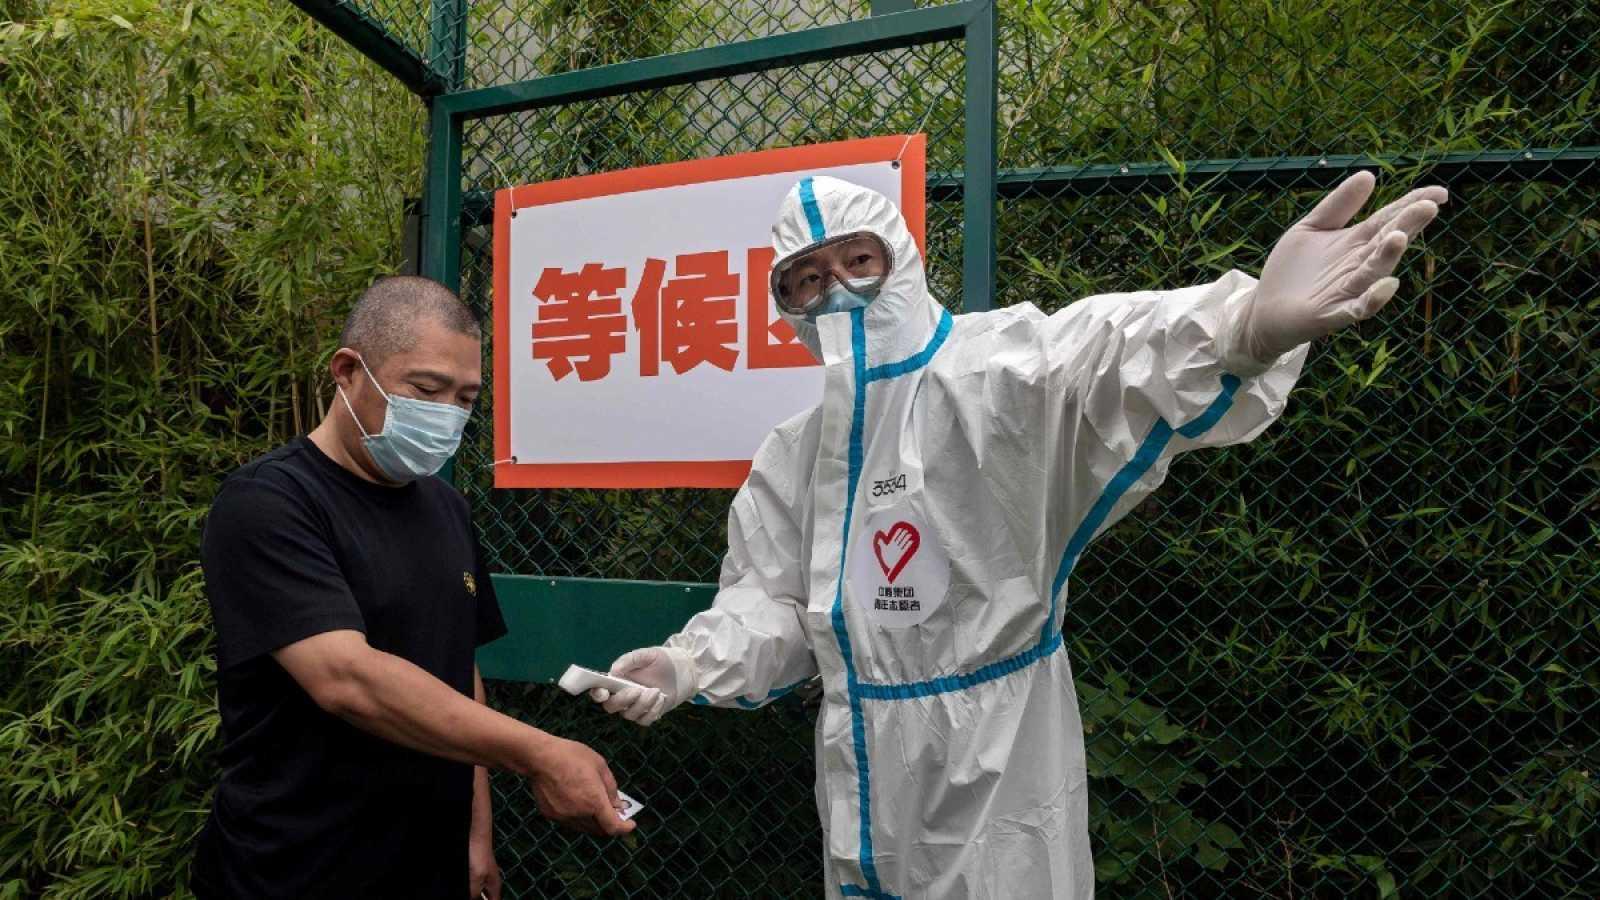 Un hombre con mascarilla se somete a un control de temperatura corporal por un trabajador sanitario vestido con un equipo de protección personal en Pekín